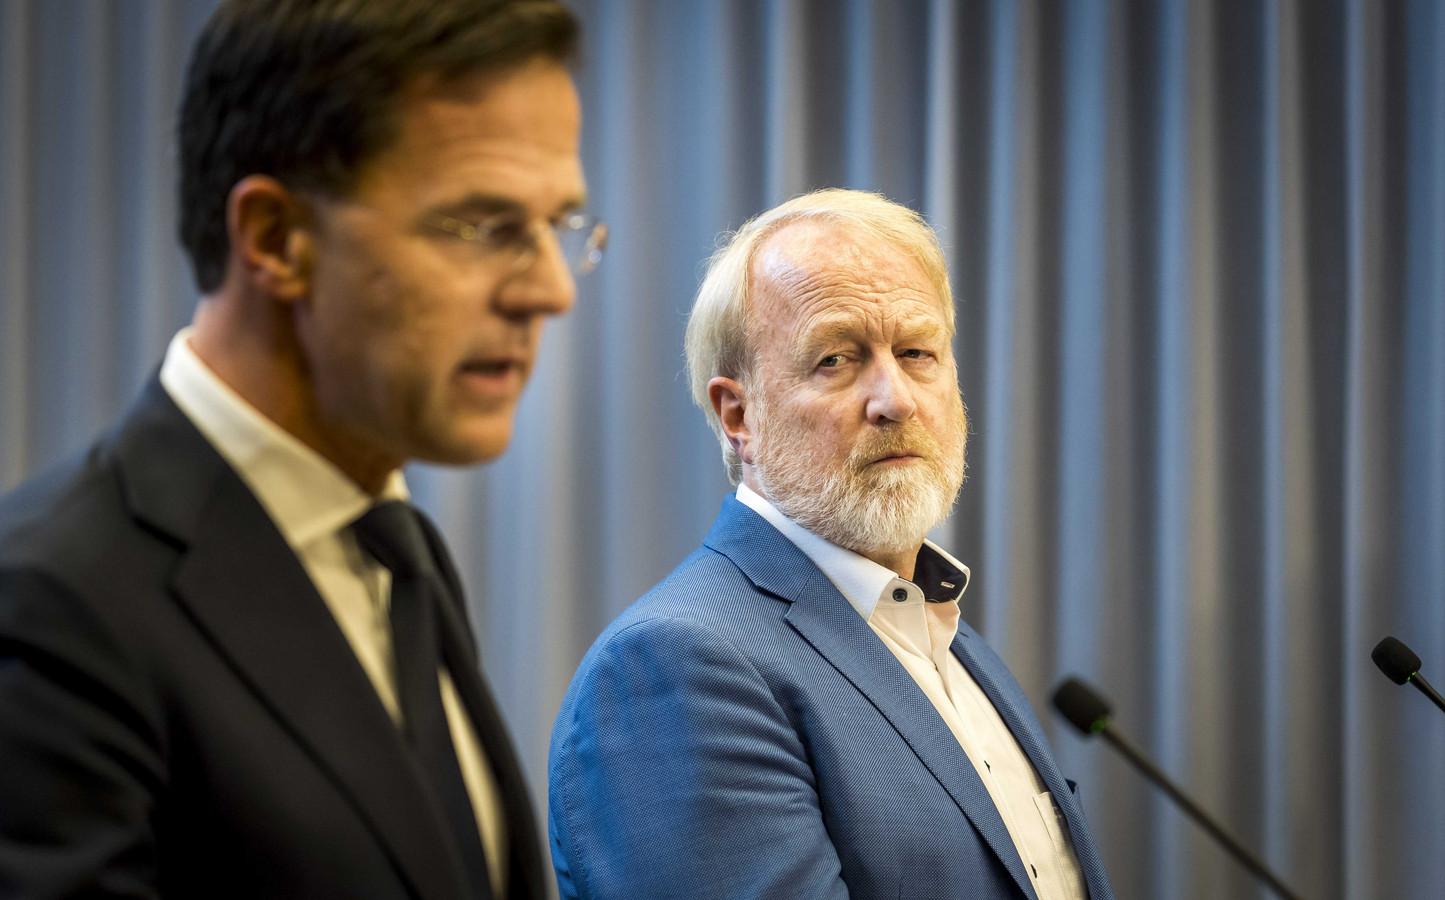 Premier Mark Rutte en Jaap van Dissel (RIVM) tijdens een van hun persconferenties. Infectioloog Van Dissel wijdde zijn leven aan de bestudering en bestrijding van infectieziekten.